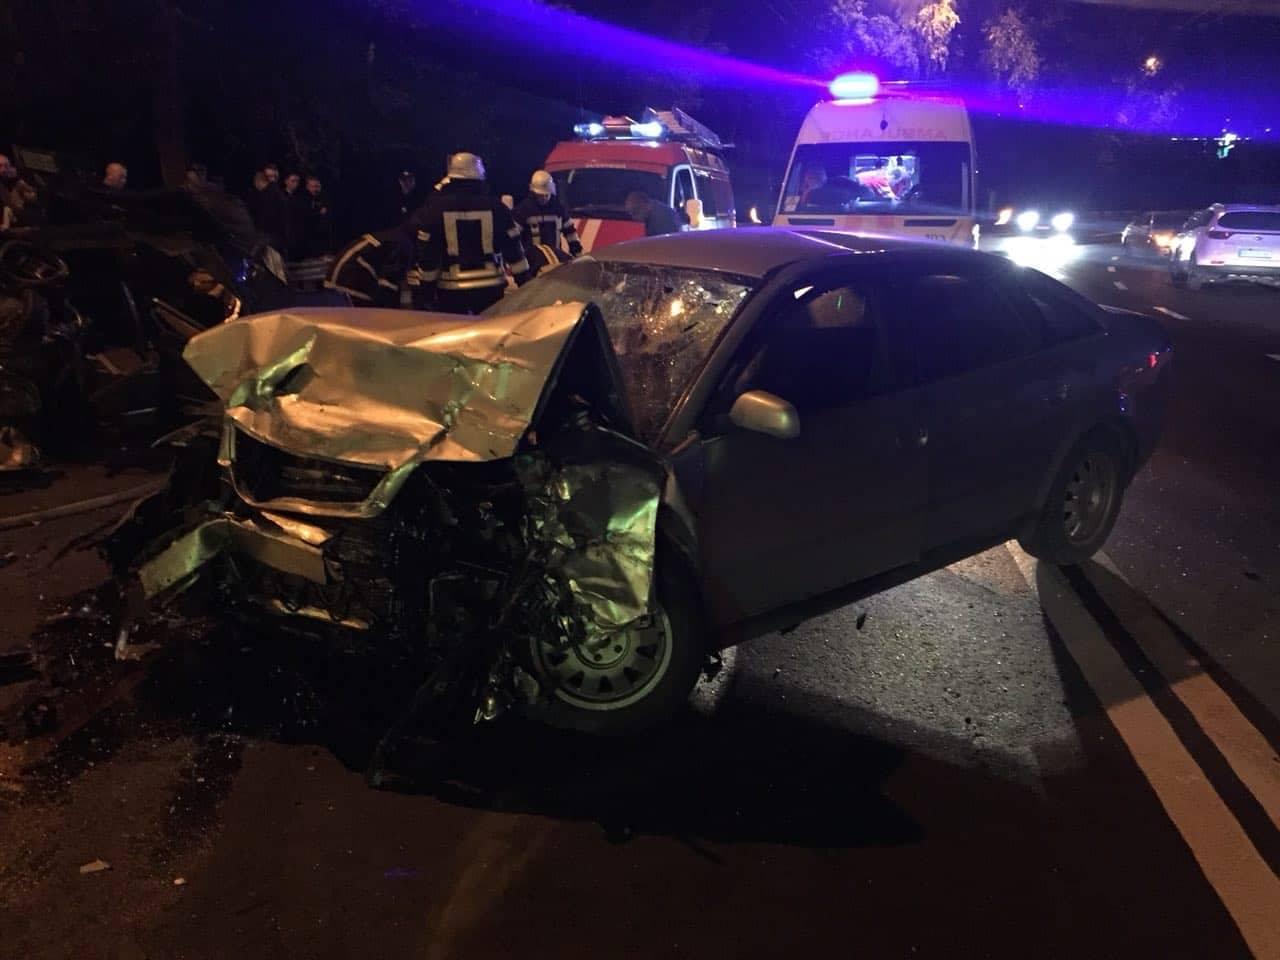 В Запорожье произошло жуткое ДТП с такси: есть погибший - ФОТО, ВИДЕО